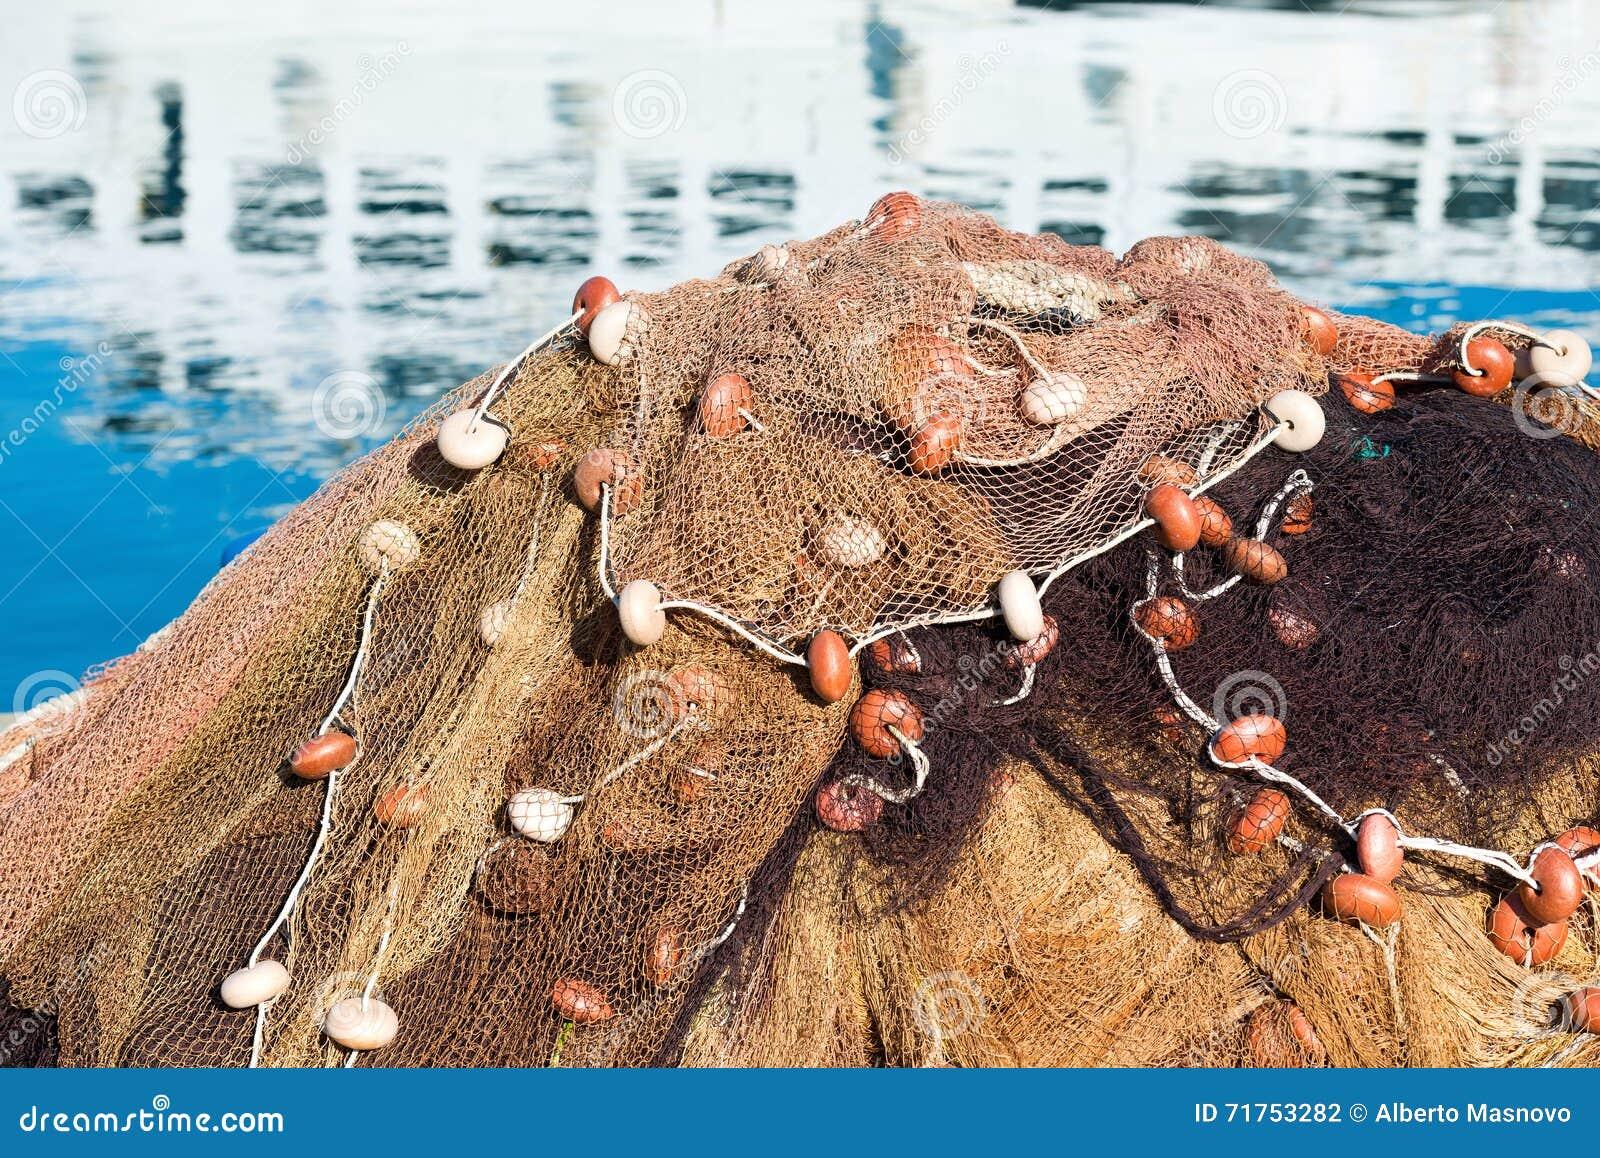 Rete da pesca e corde fotografia stock immagine 71753282 for Rete da pesca arredamento